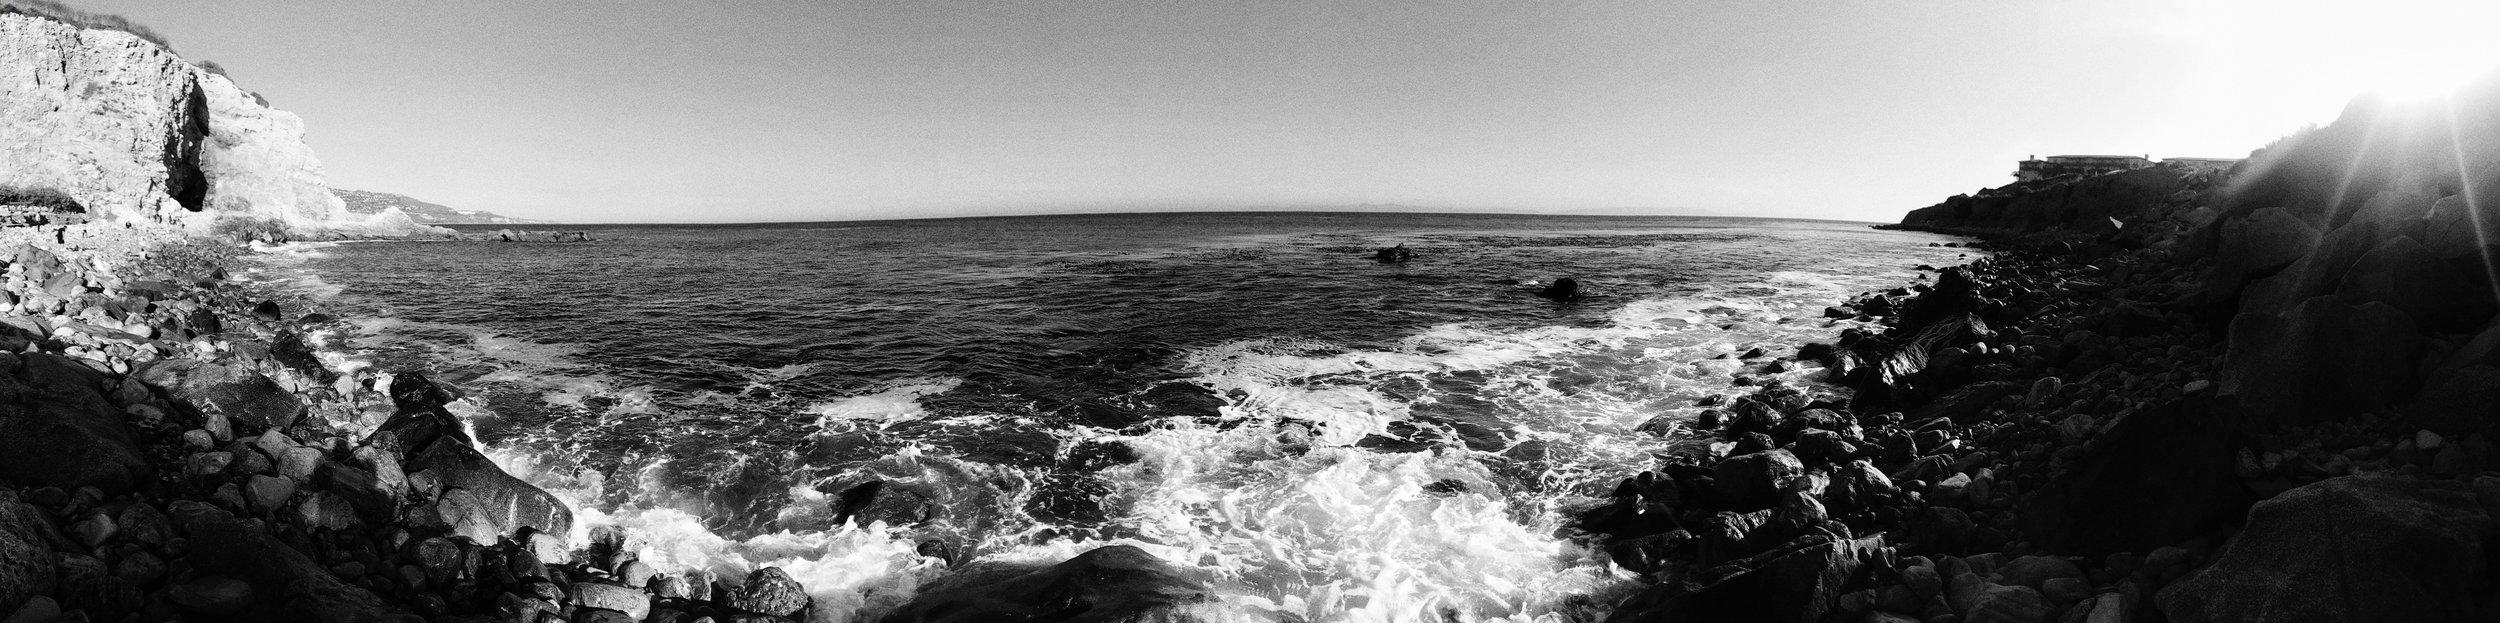 Terranea Cove Beach in Rancho Palos Verdes, CA